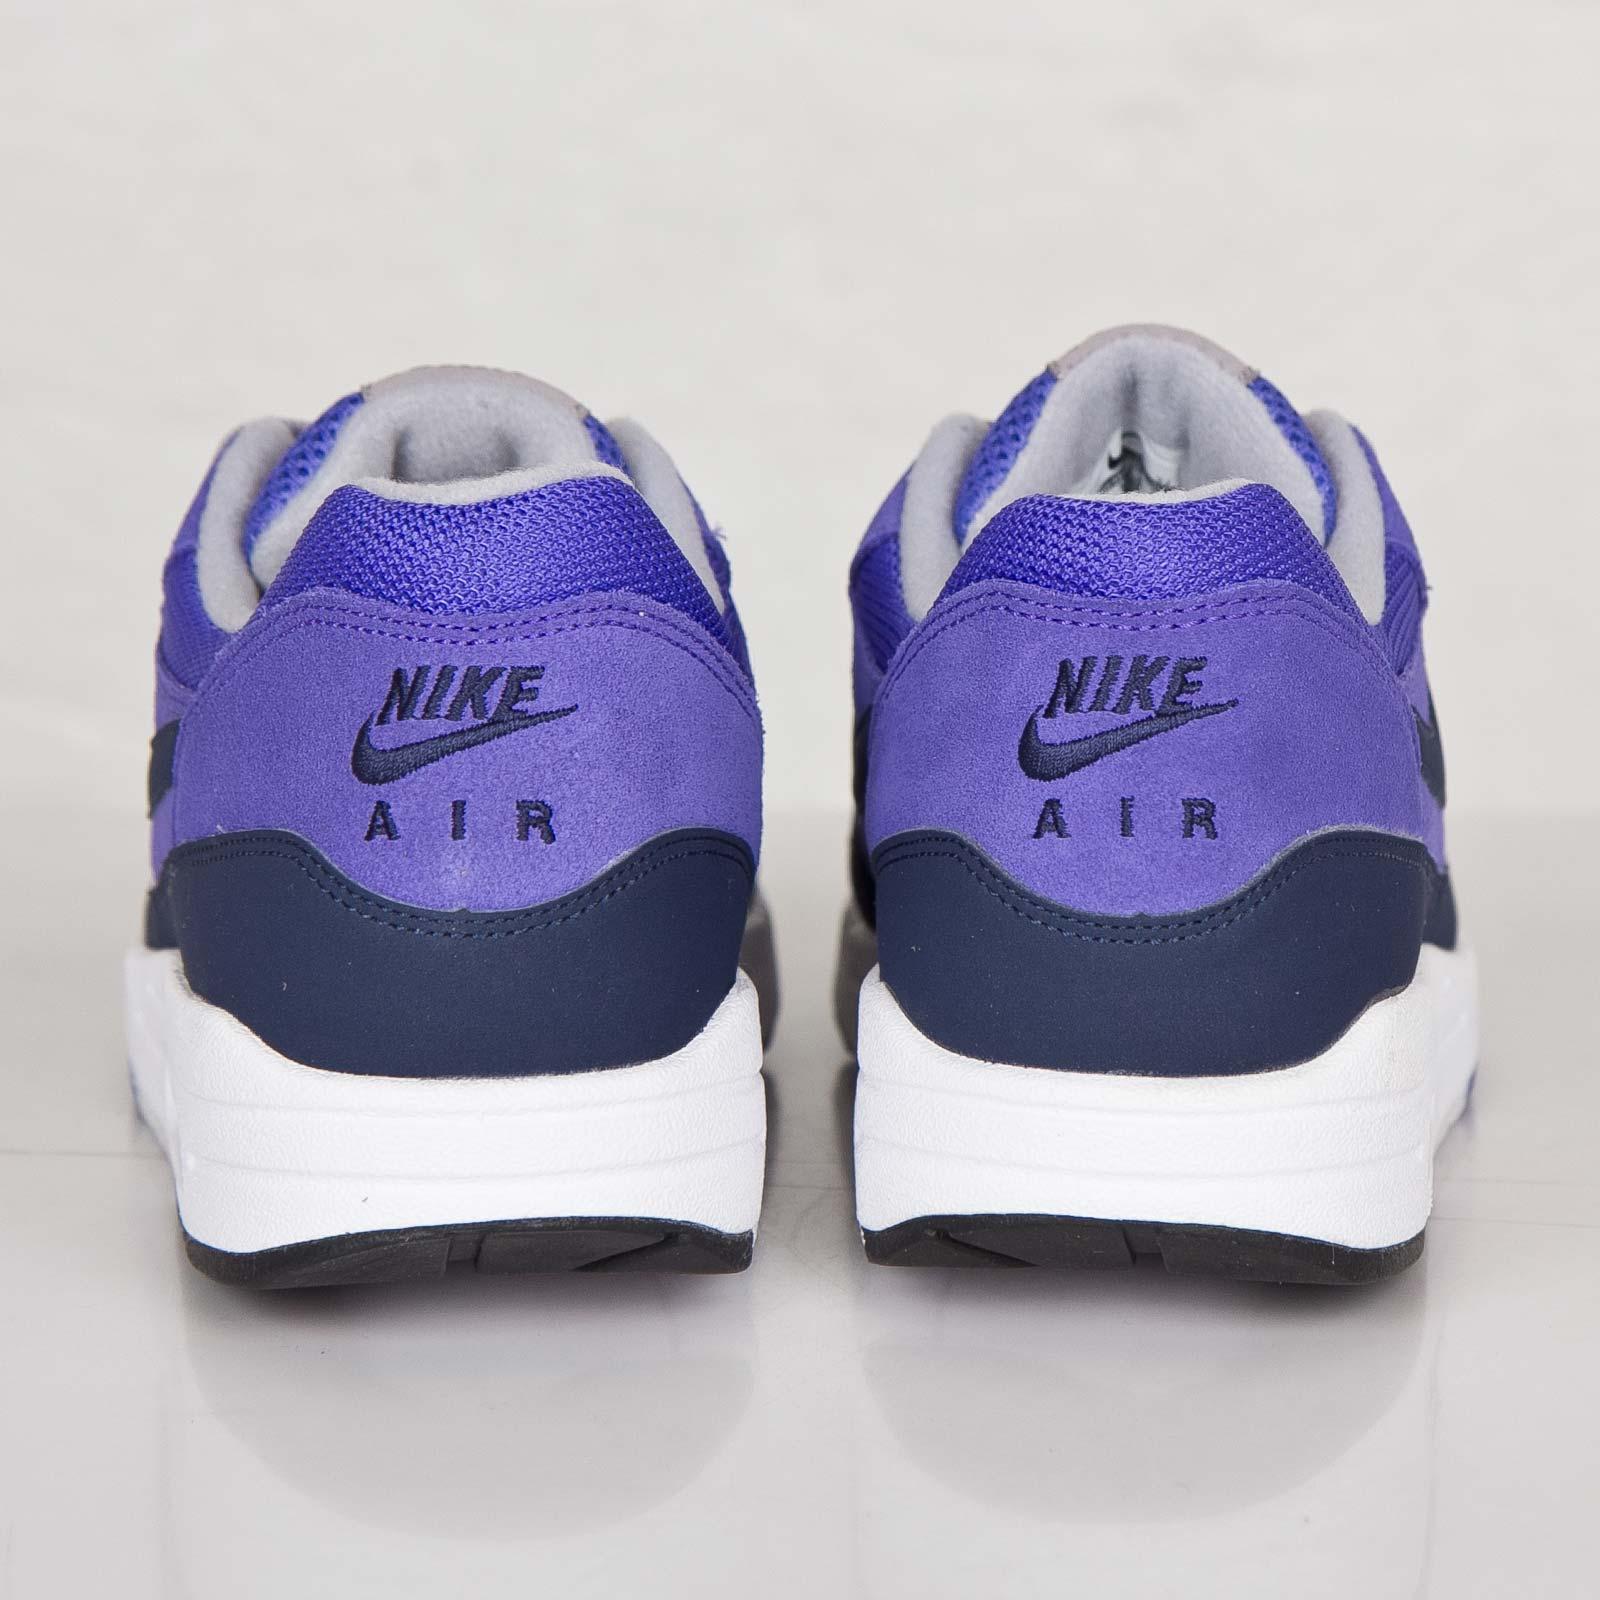 WITH RECEIPT Nike Air Max 1 Premium Dynamic Berry 30th